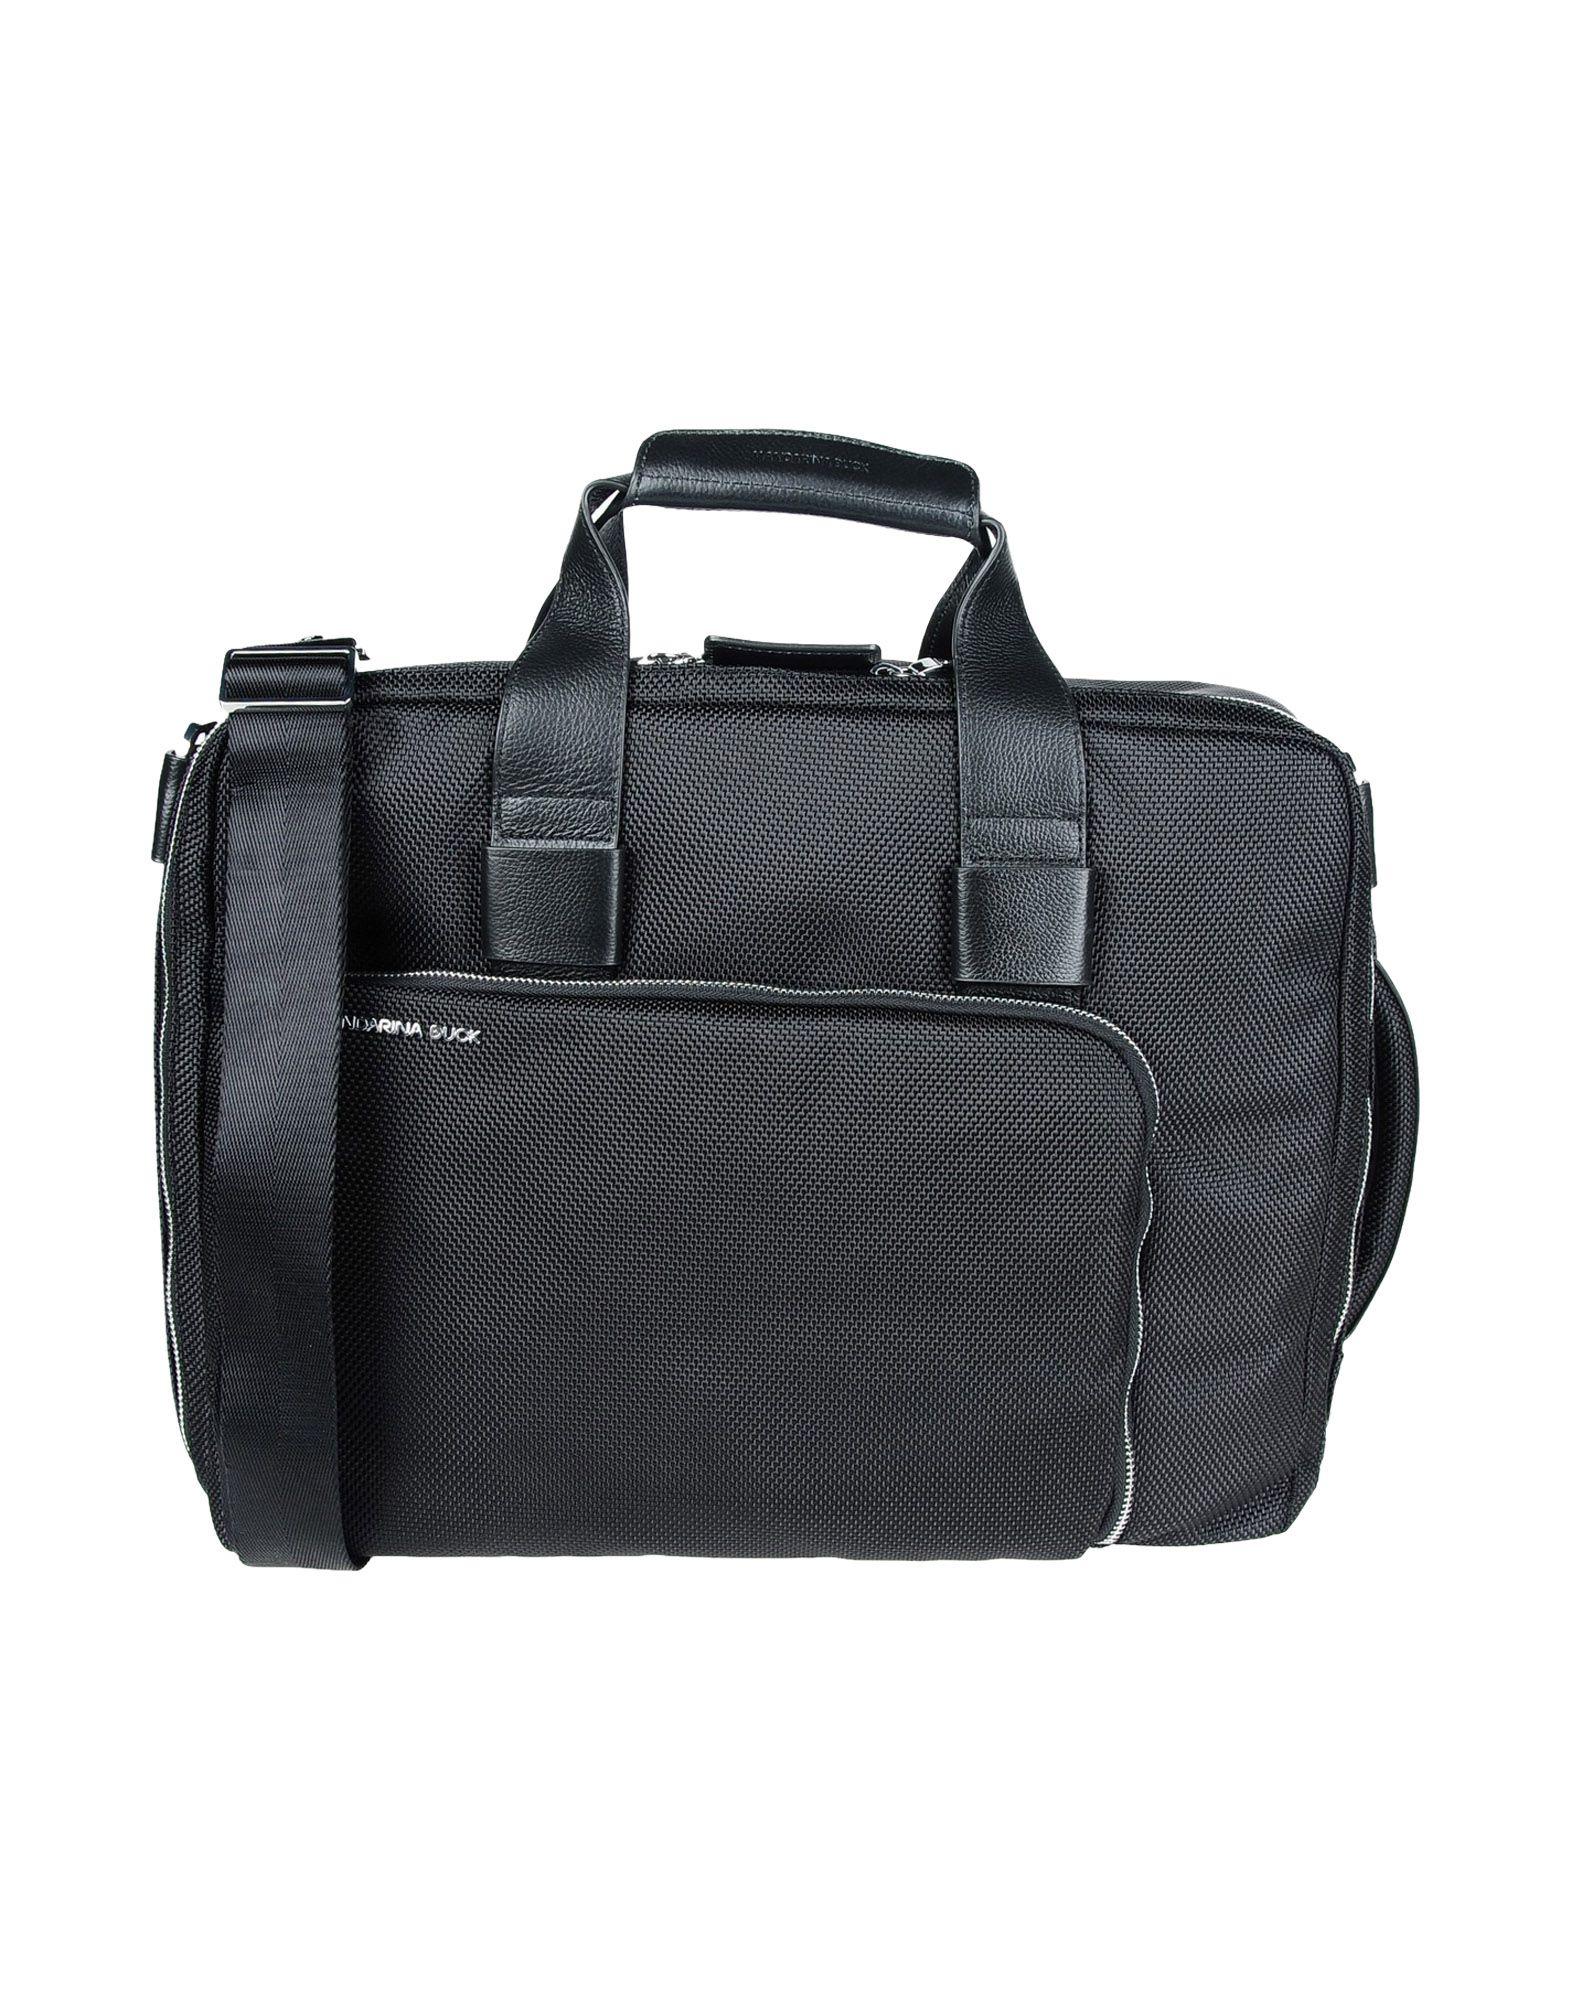 MANDARINA DUCK Work Bag in Black